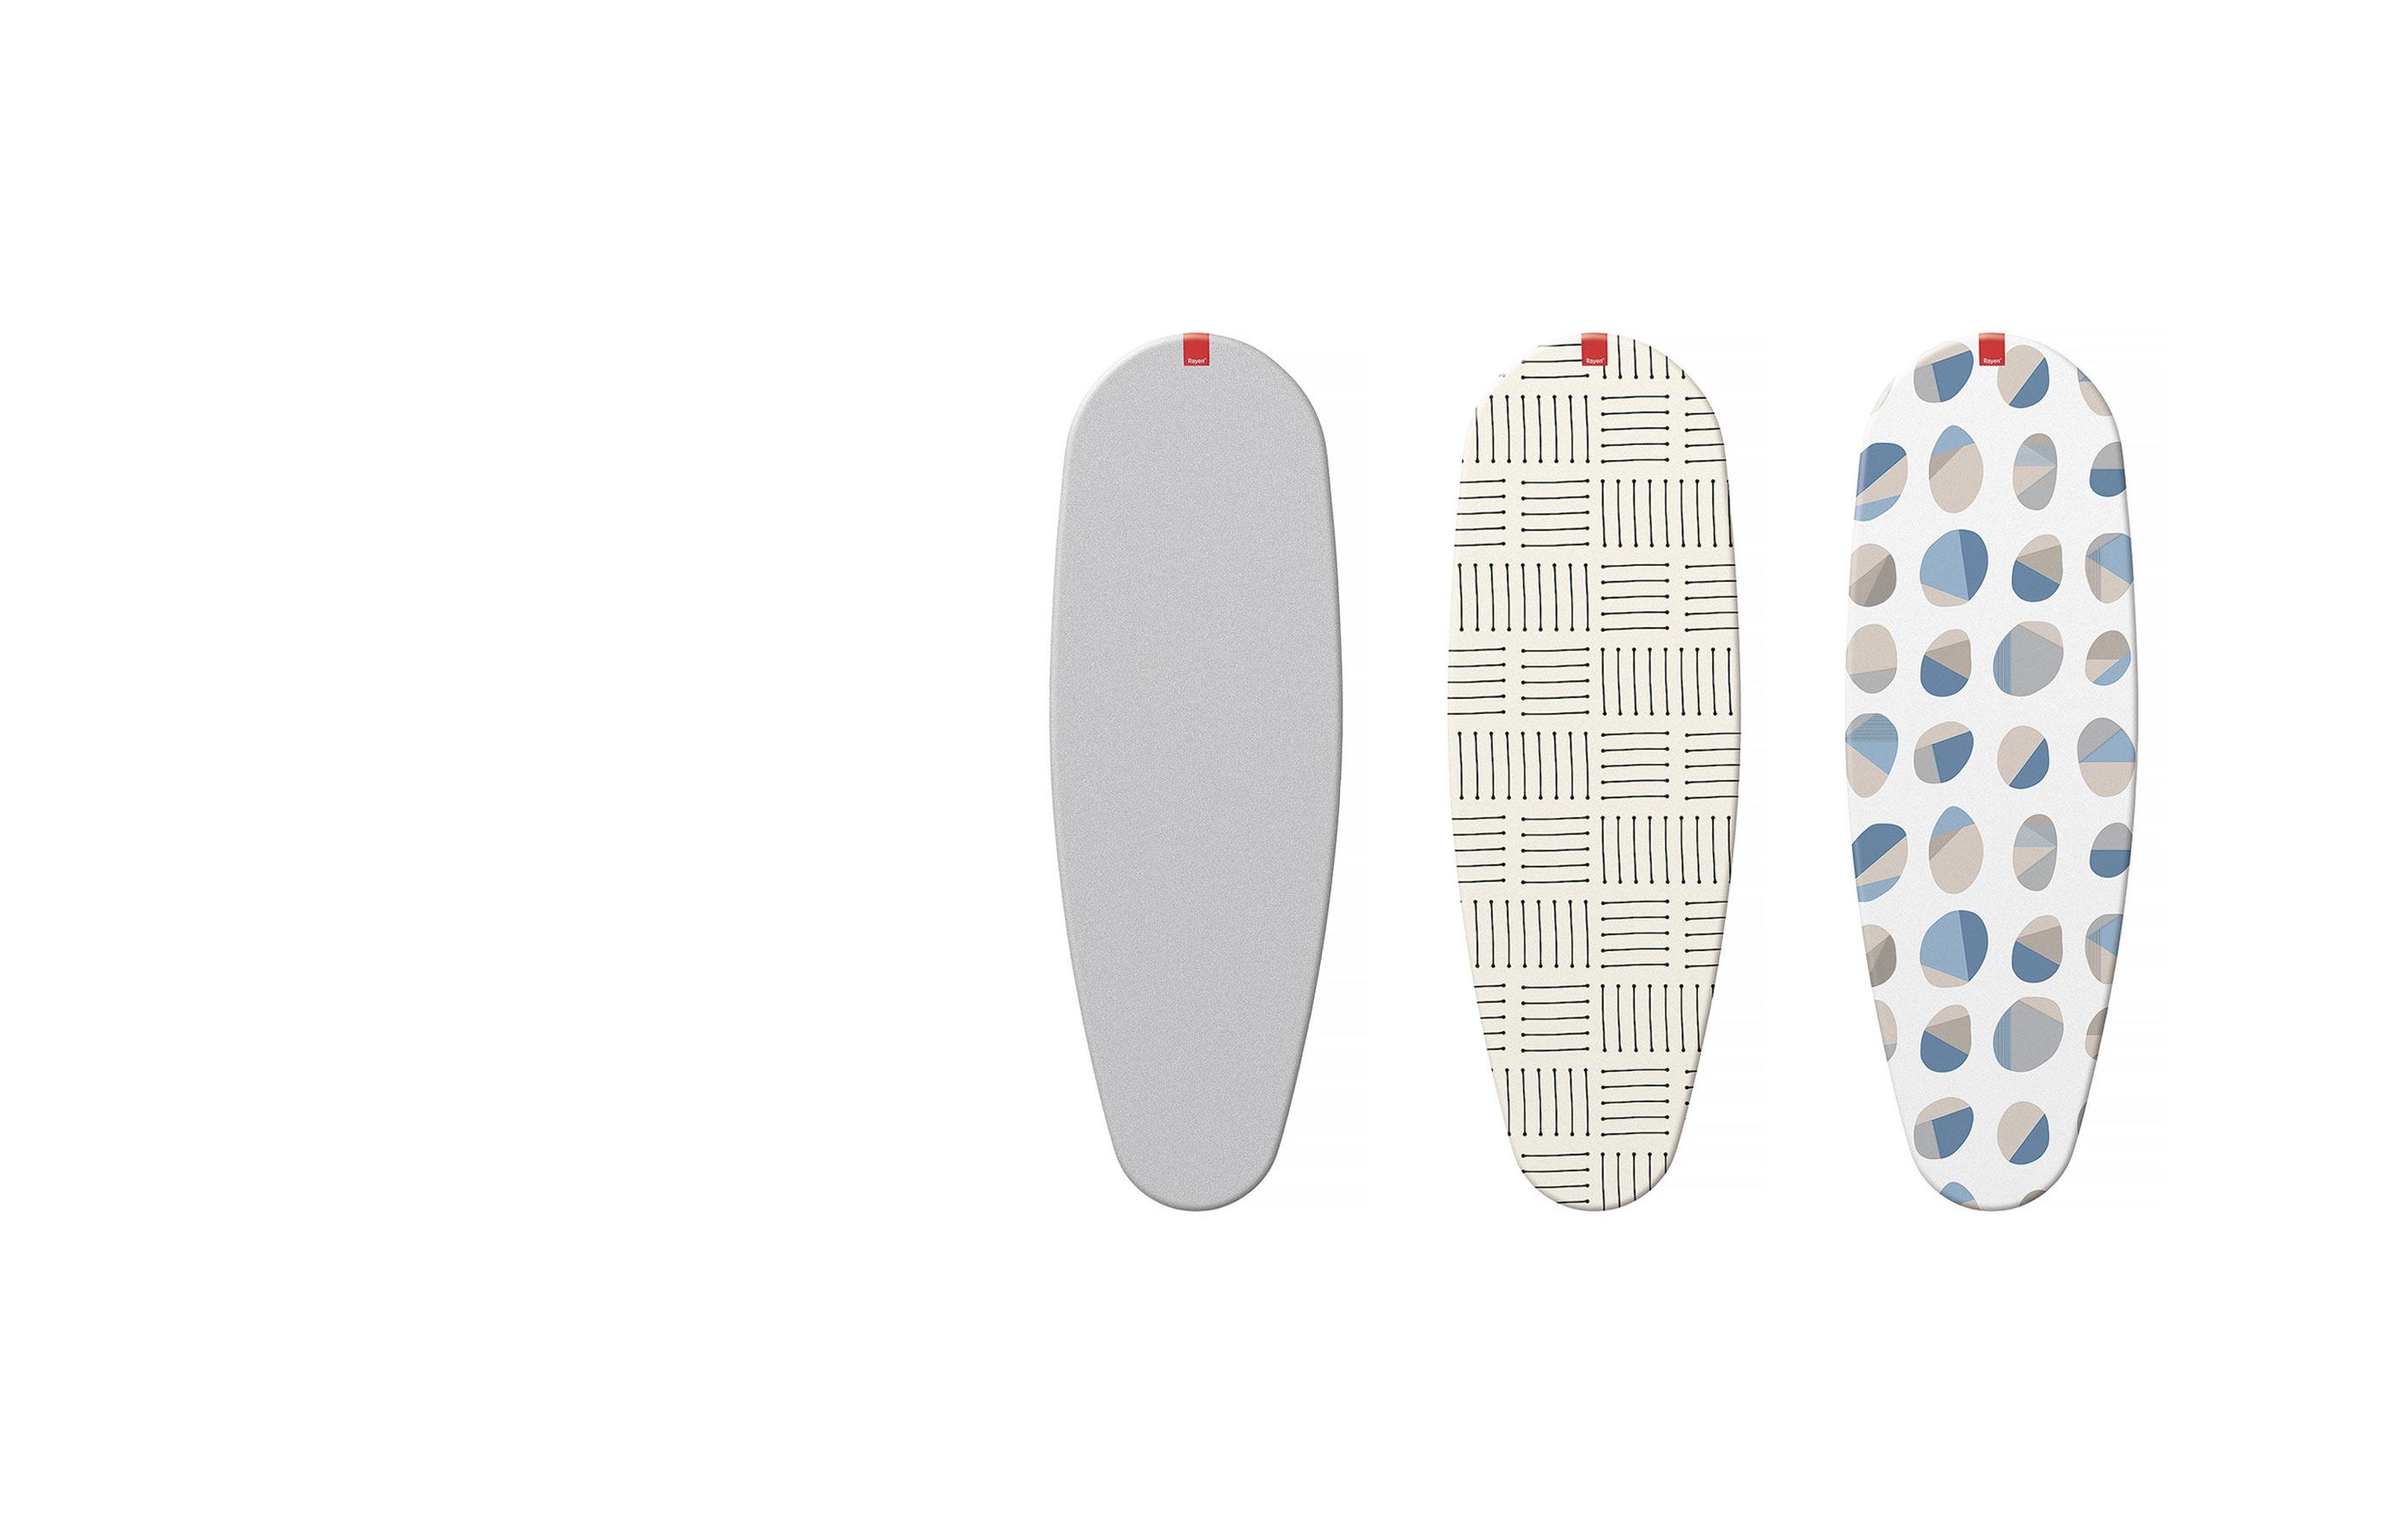 slider-fundas-1 Rayen | Soluciones innovadoras para el hogar | Fundas para tabla de planchar con elástico 3 | Rayen.com